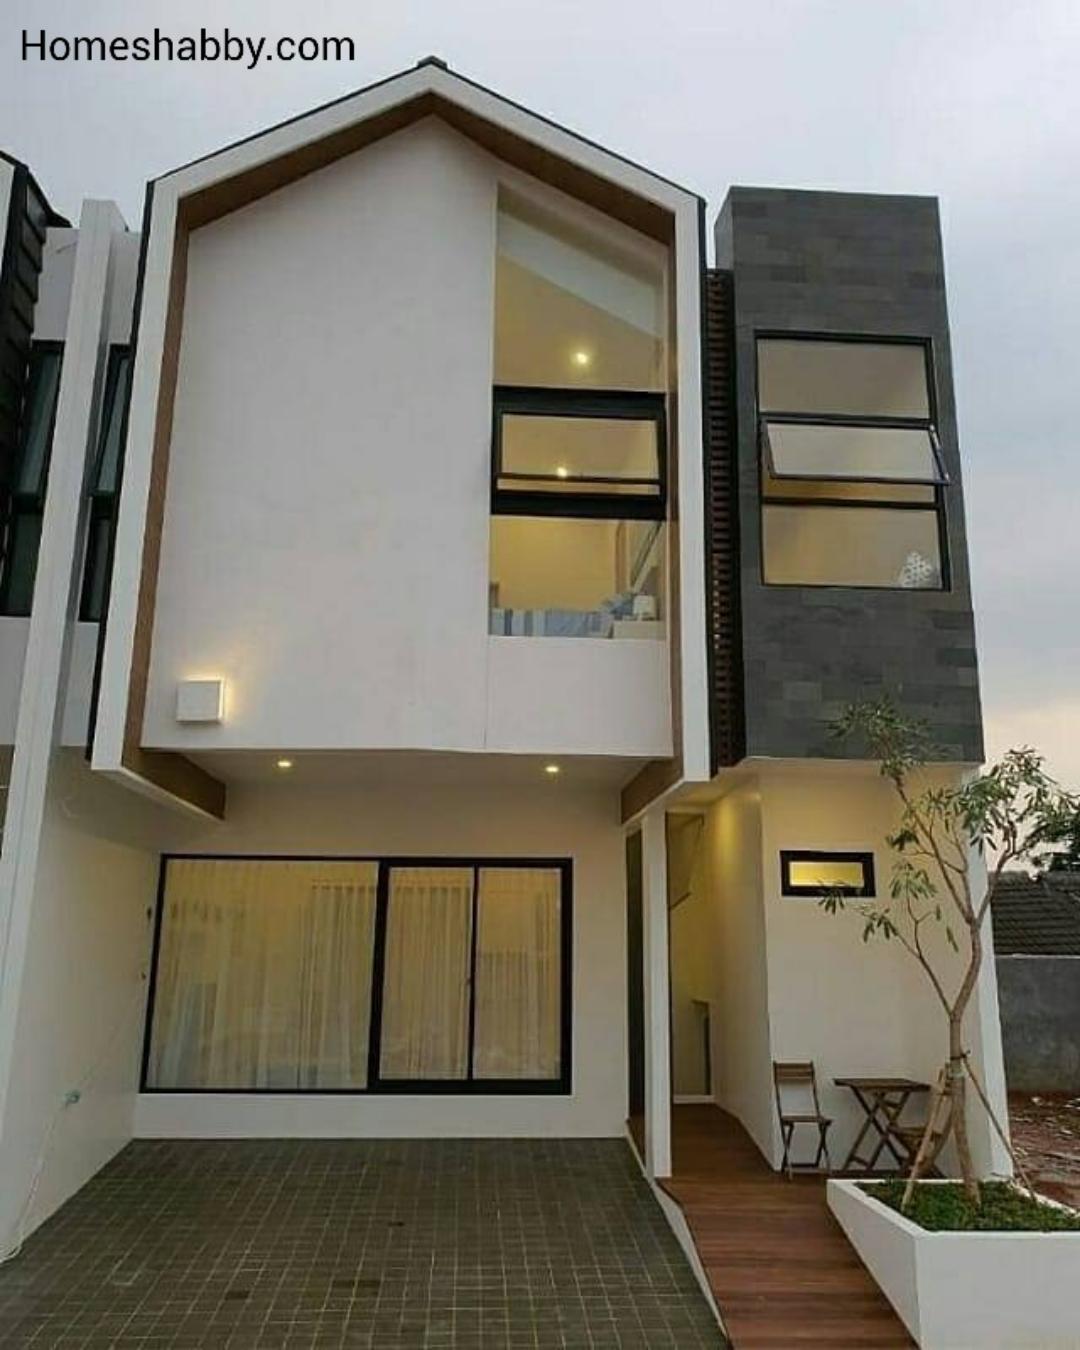 6 Desain Rumah Cluster Tanpa Pagar Yang Sedang Hits Homeshabby Com Design Home Plans Home Decorating And Interior Design